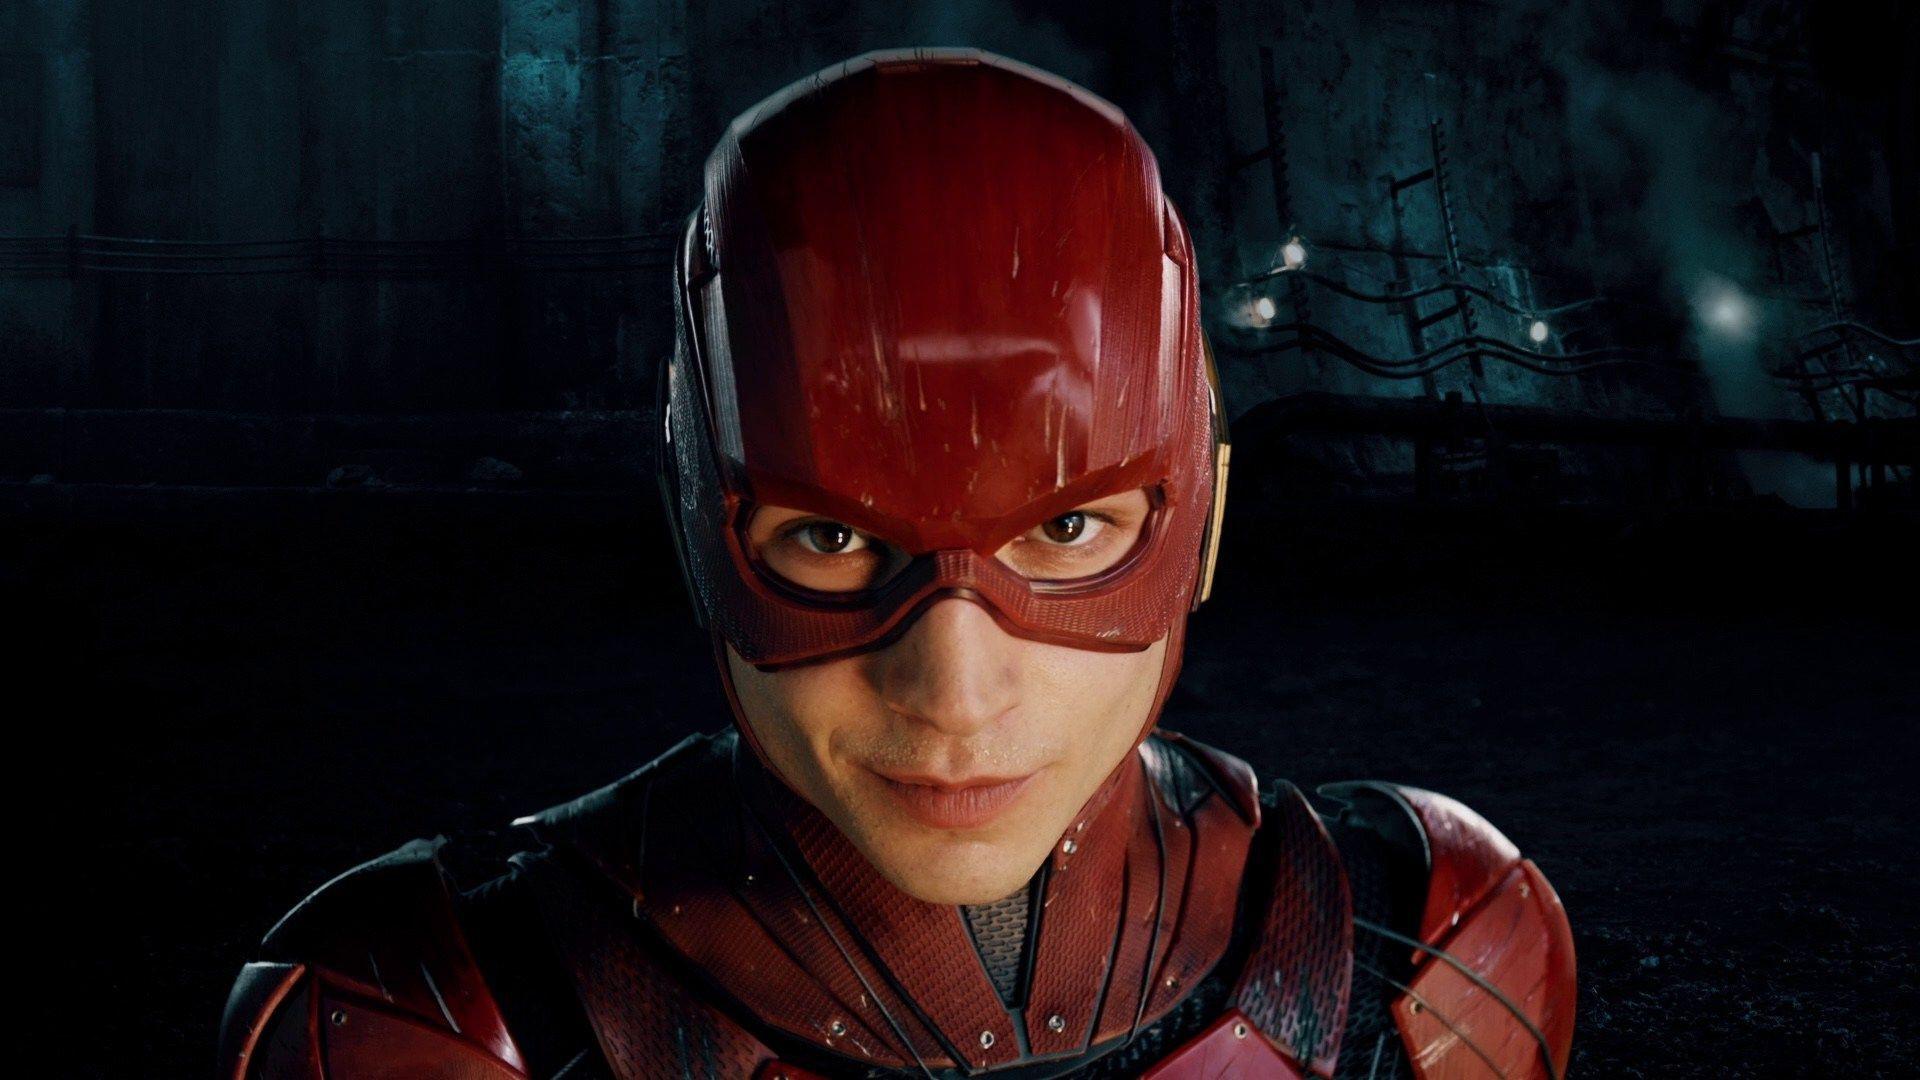 6 siêu anh hùng chứng tỏ DC cũng lầy không kém gì Marvel - Ảnh 1.